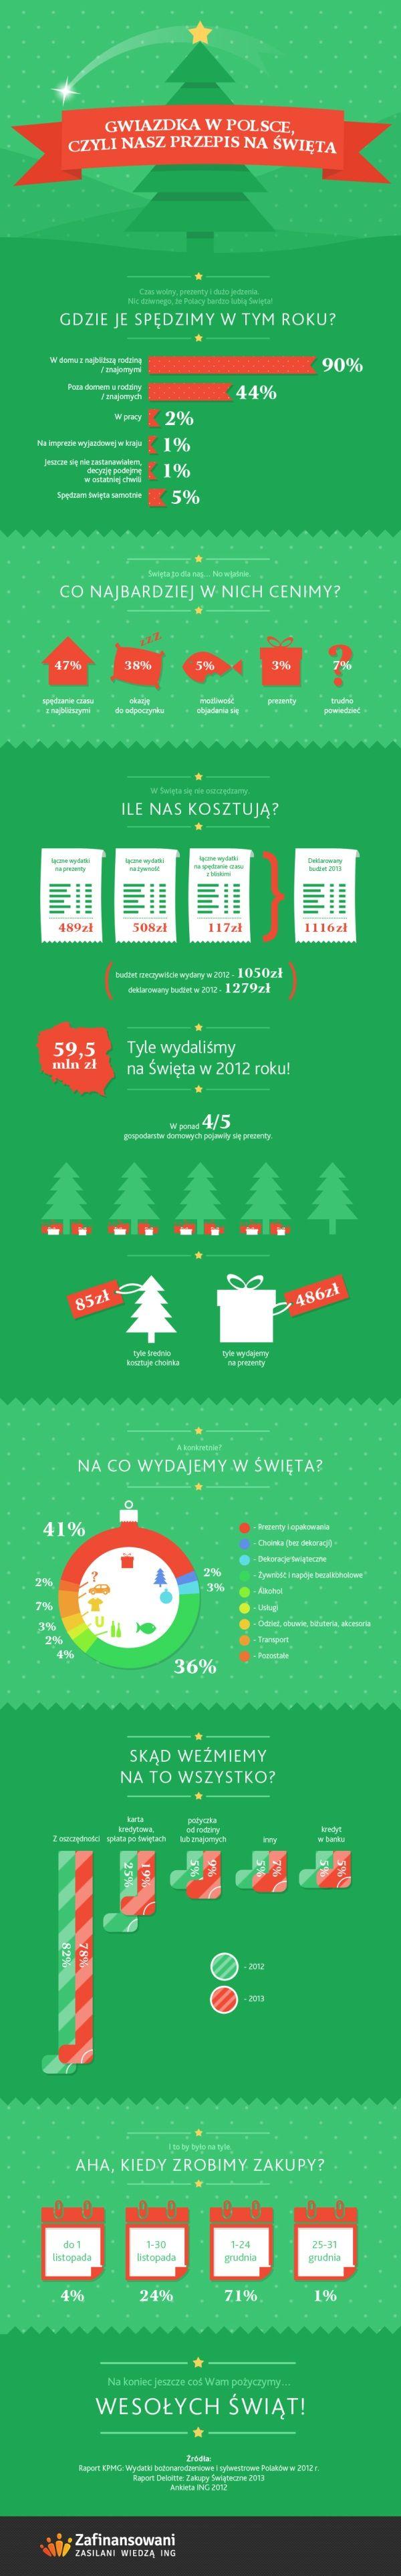 Wydatki świąteczne Polaków